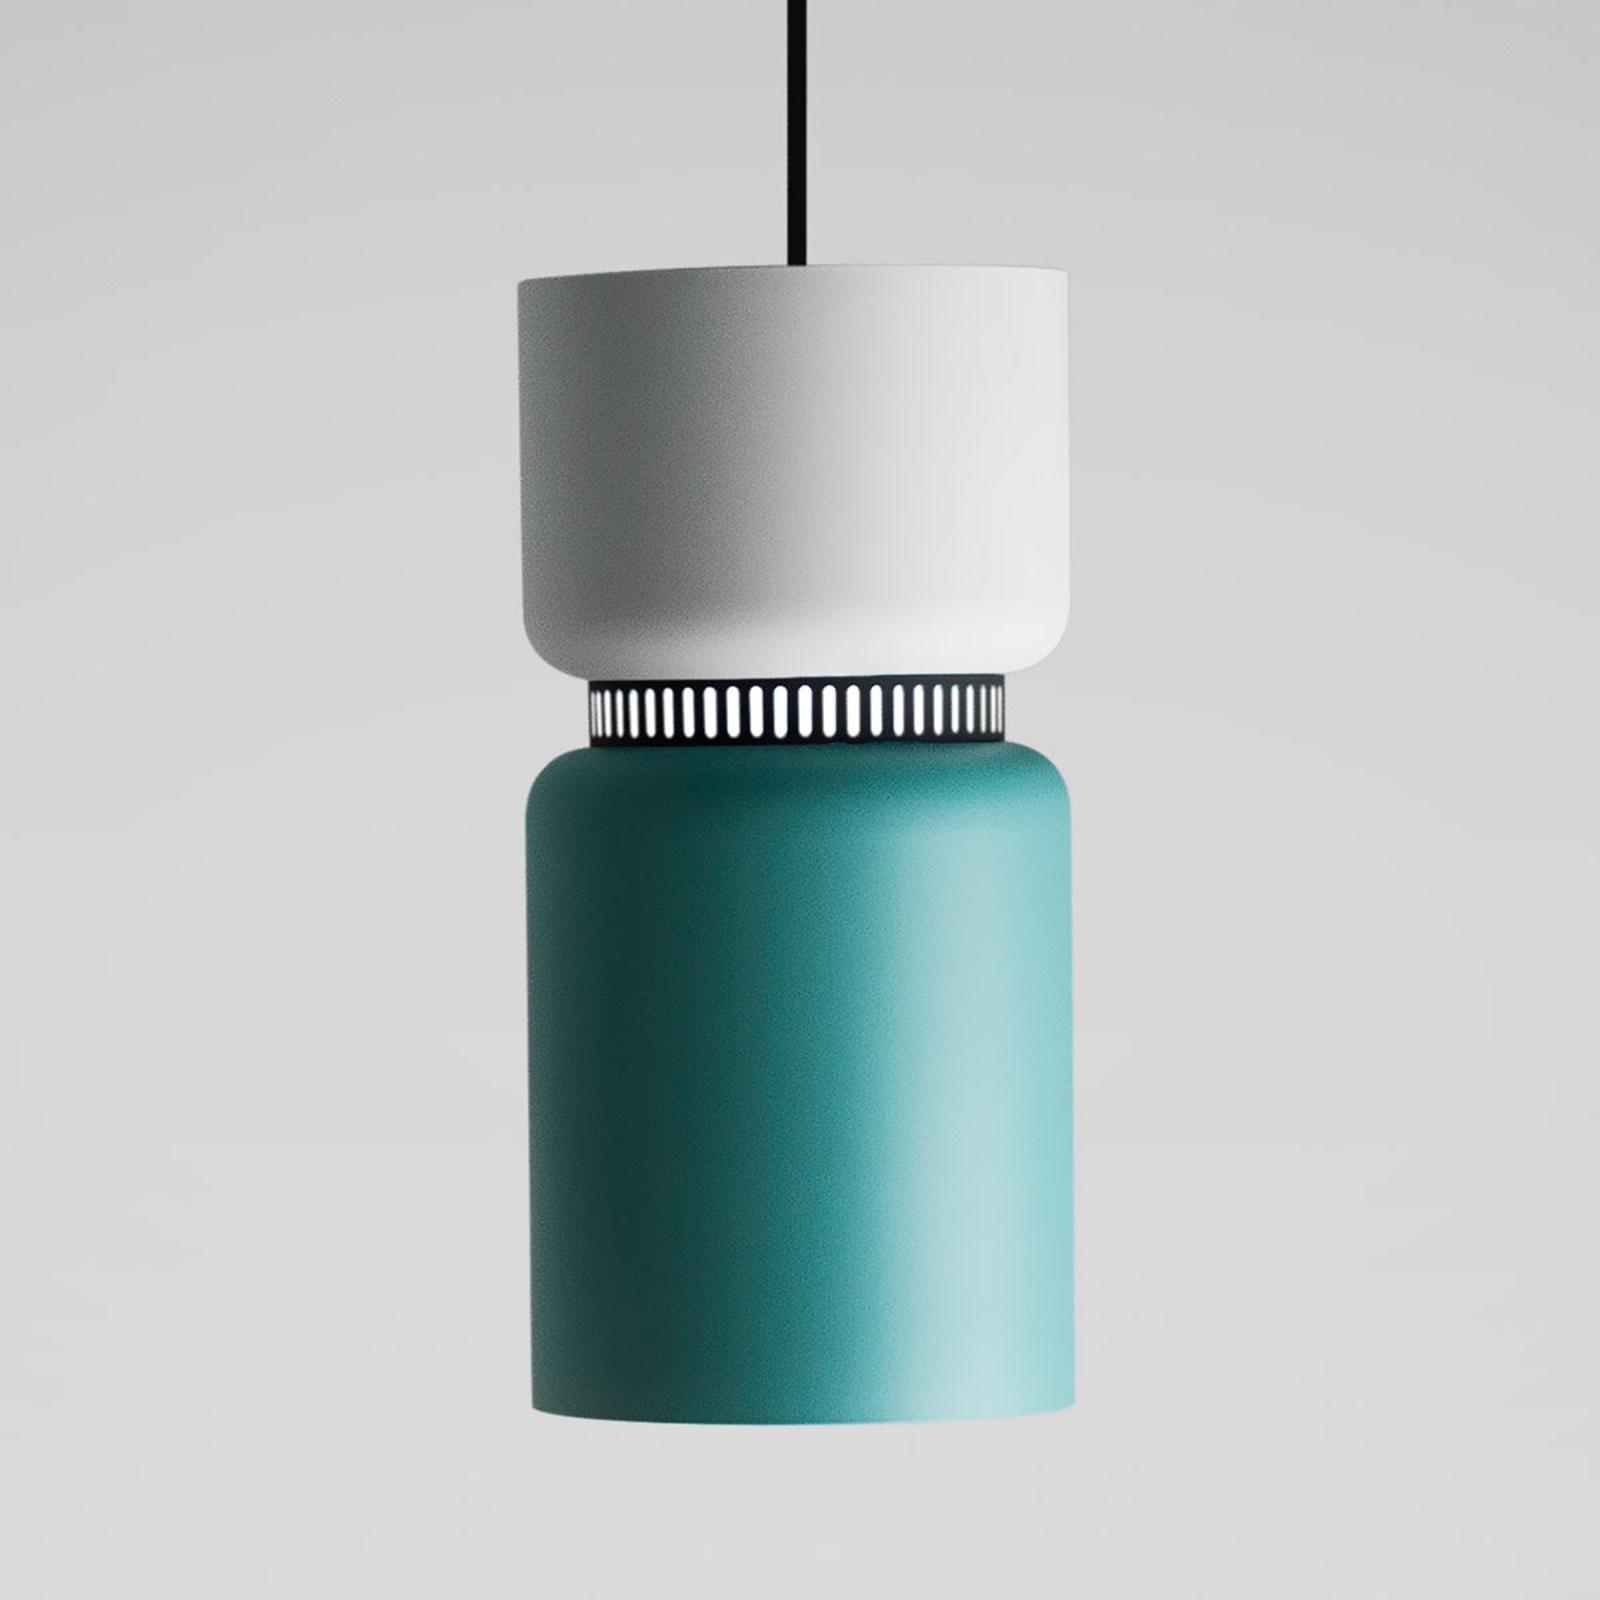 LED-pendellampe Aspen S hvit-turkis 17 cm kort